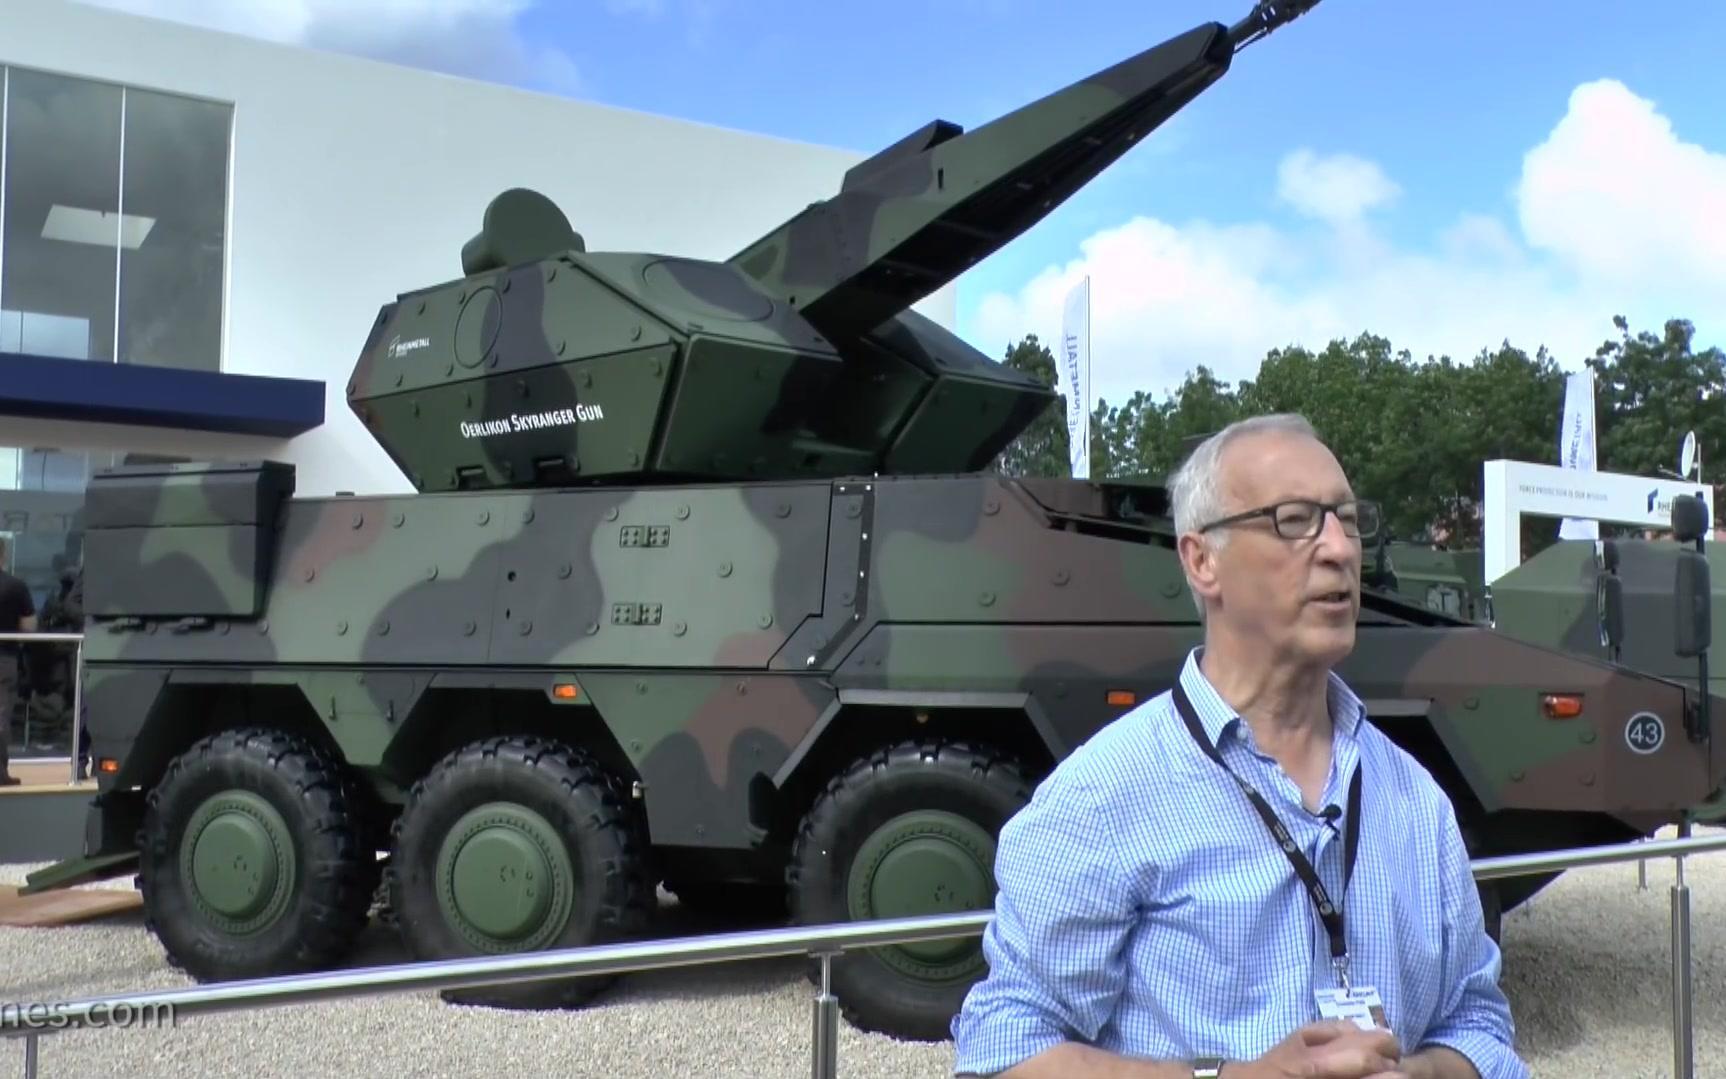 2018欧洲萨托里防务展- 莱茵金属公布装备厄利空Skyranger防空系统的拳击手装甲车